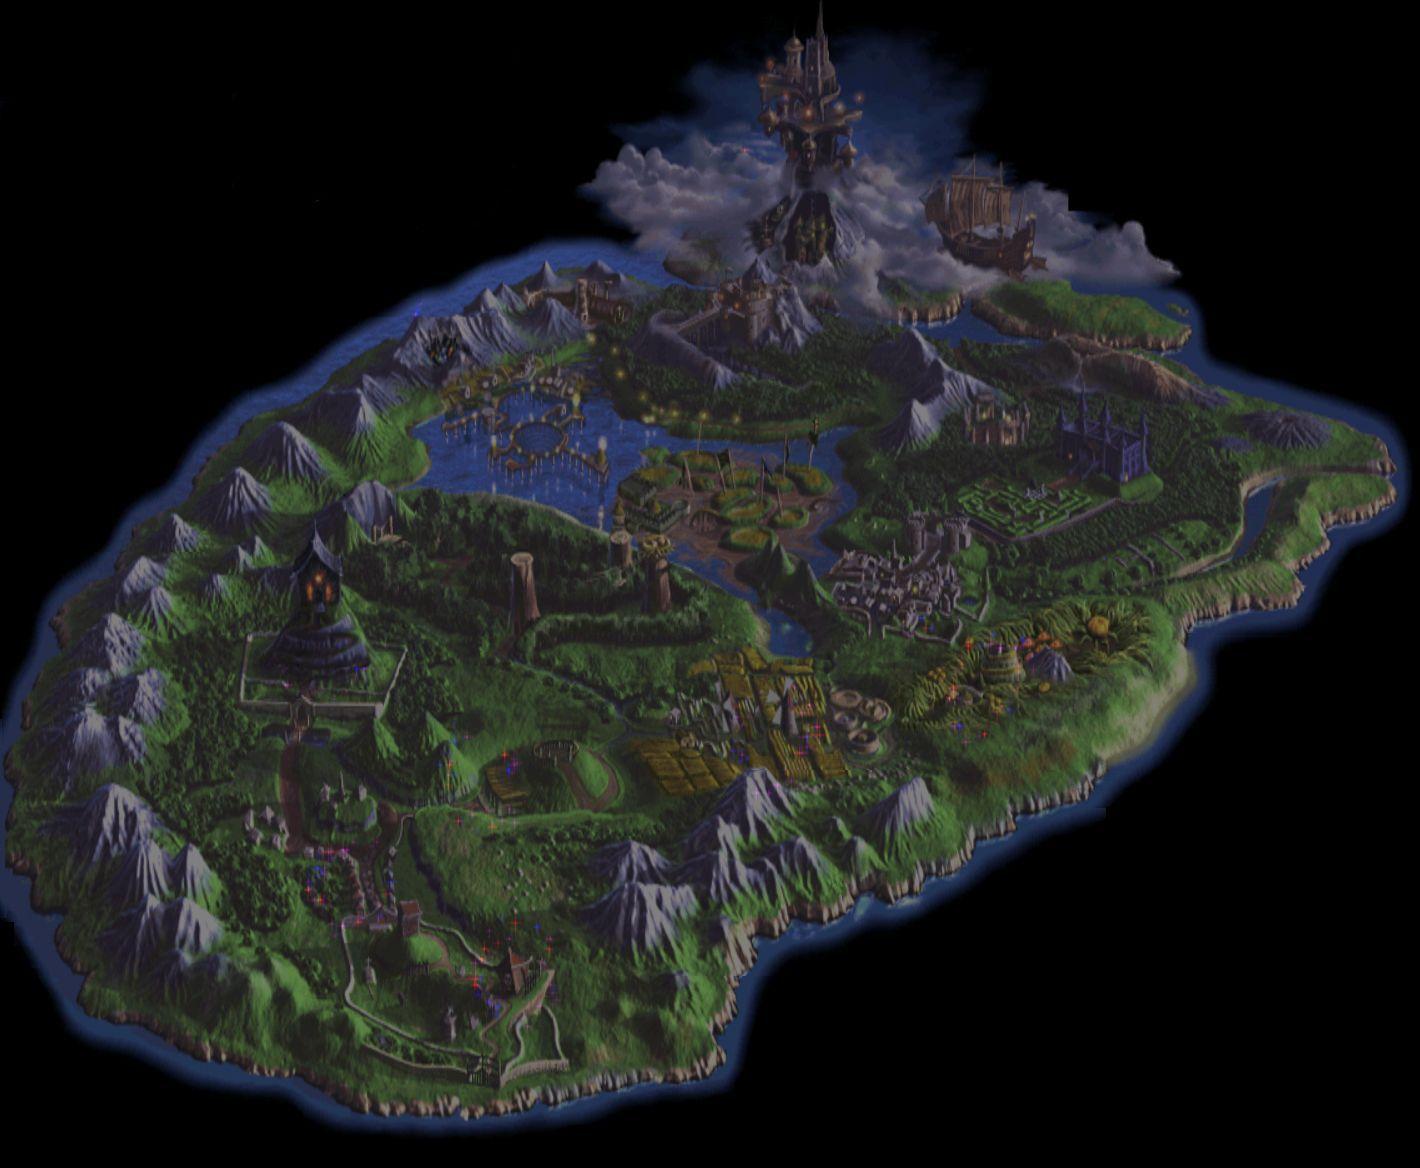 Empezando por una fácil, ¿en qué reino se sitúa la historia de este gran juego?